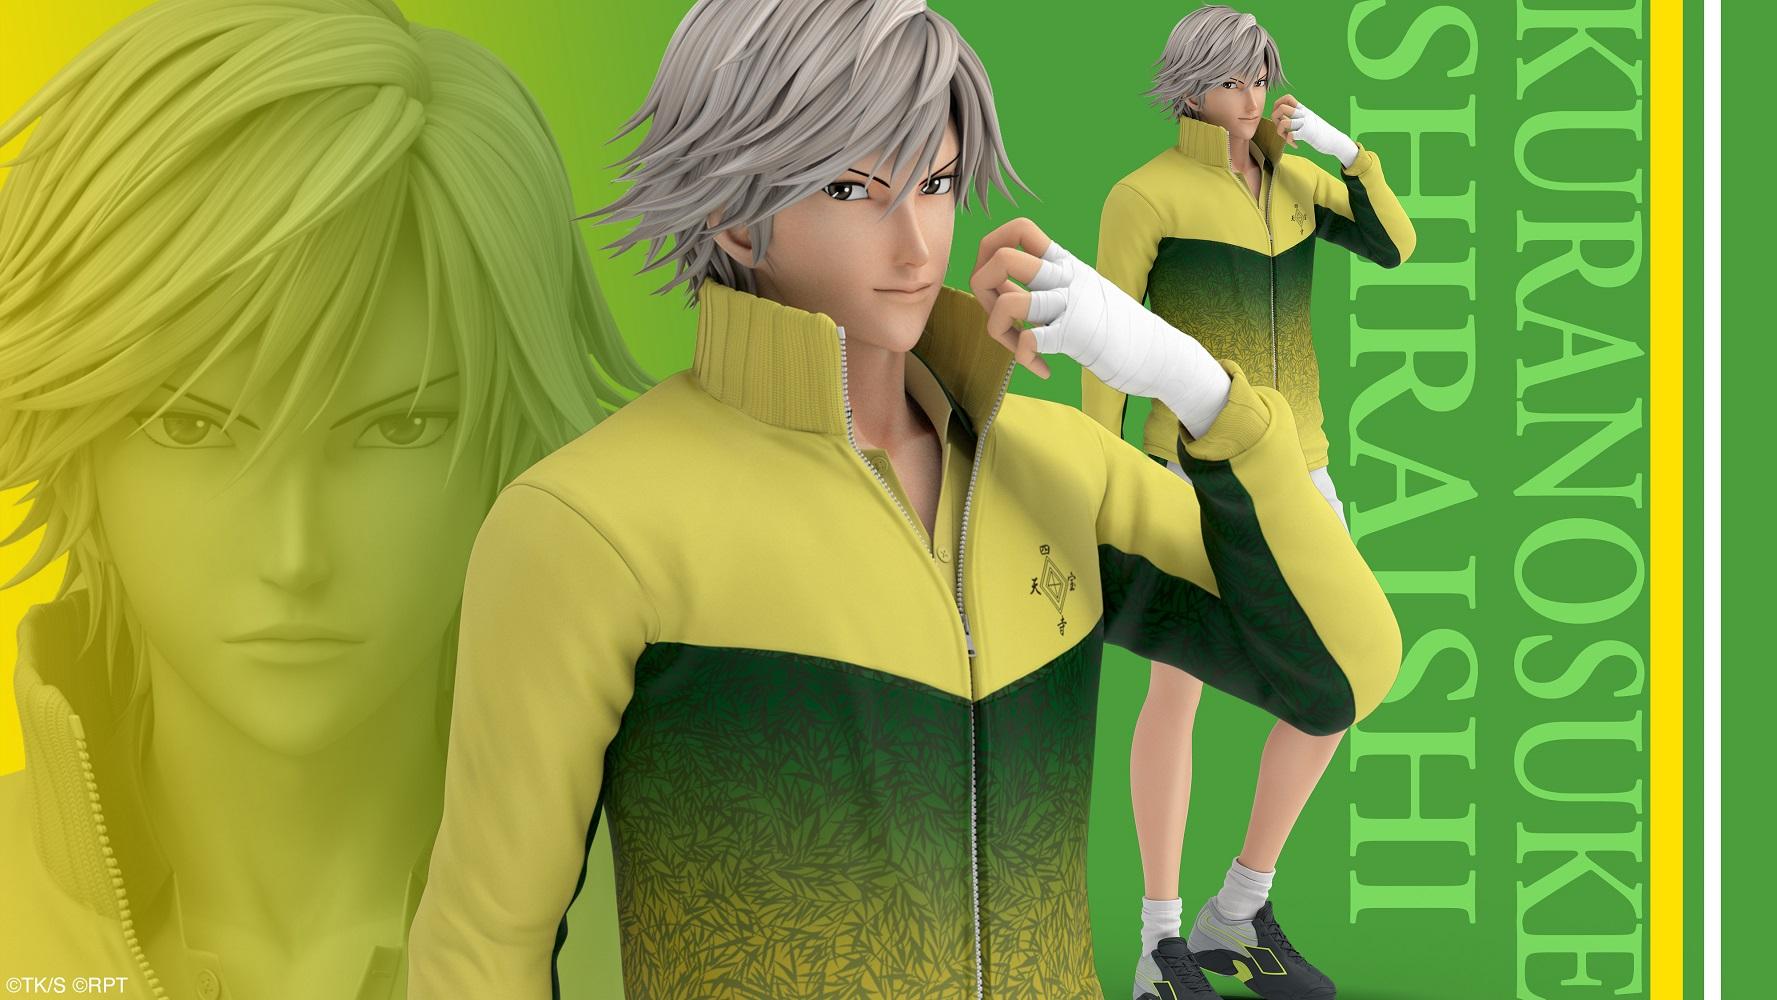 「リョーマ! The Prince of Tennis 新生劇場版テニスの王子様」白石蔵ノ介(CV.細谷佳正さん)